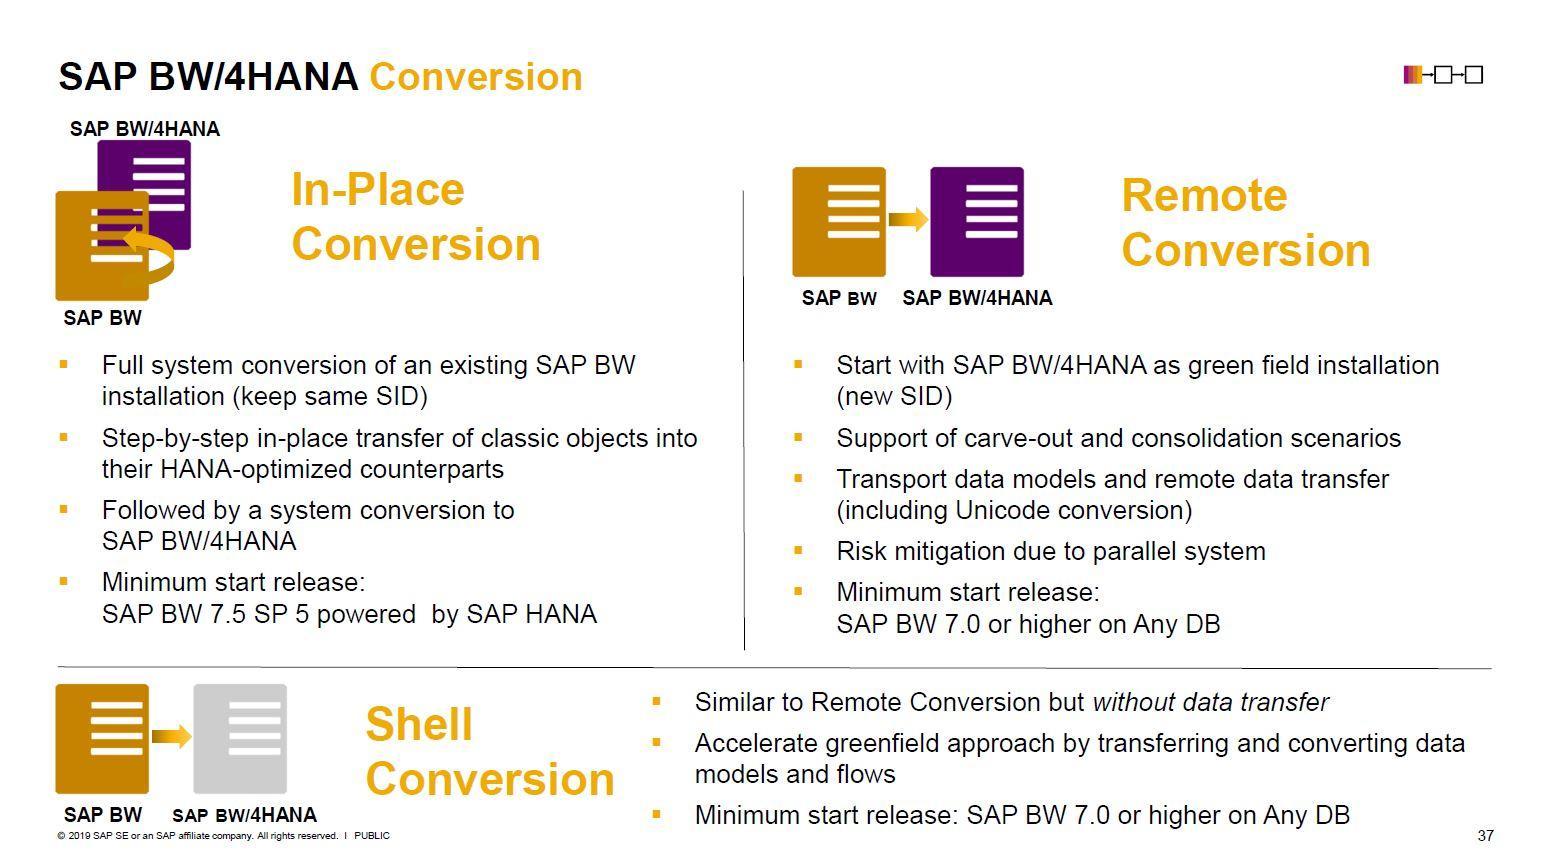 Überblick über Konvertierungsmöglichkeiiten zu SAP BW/4HANA